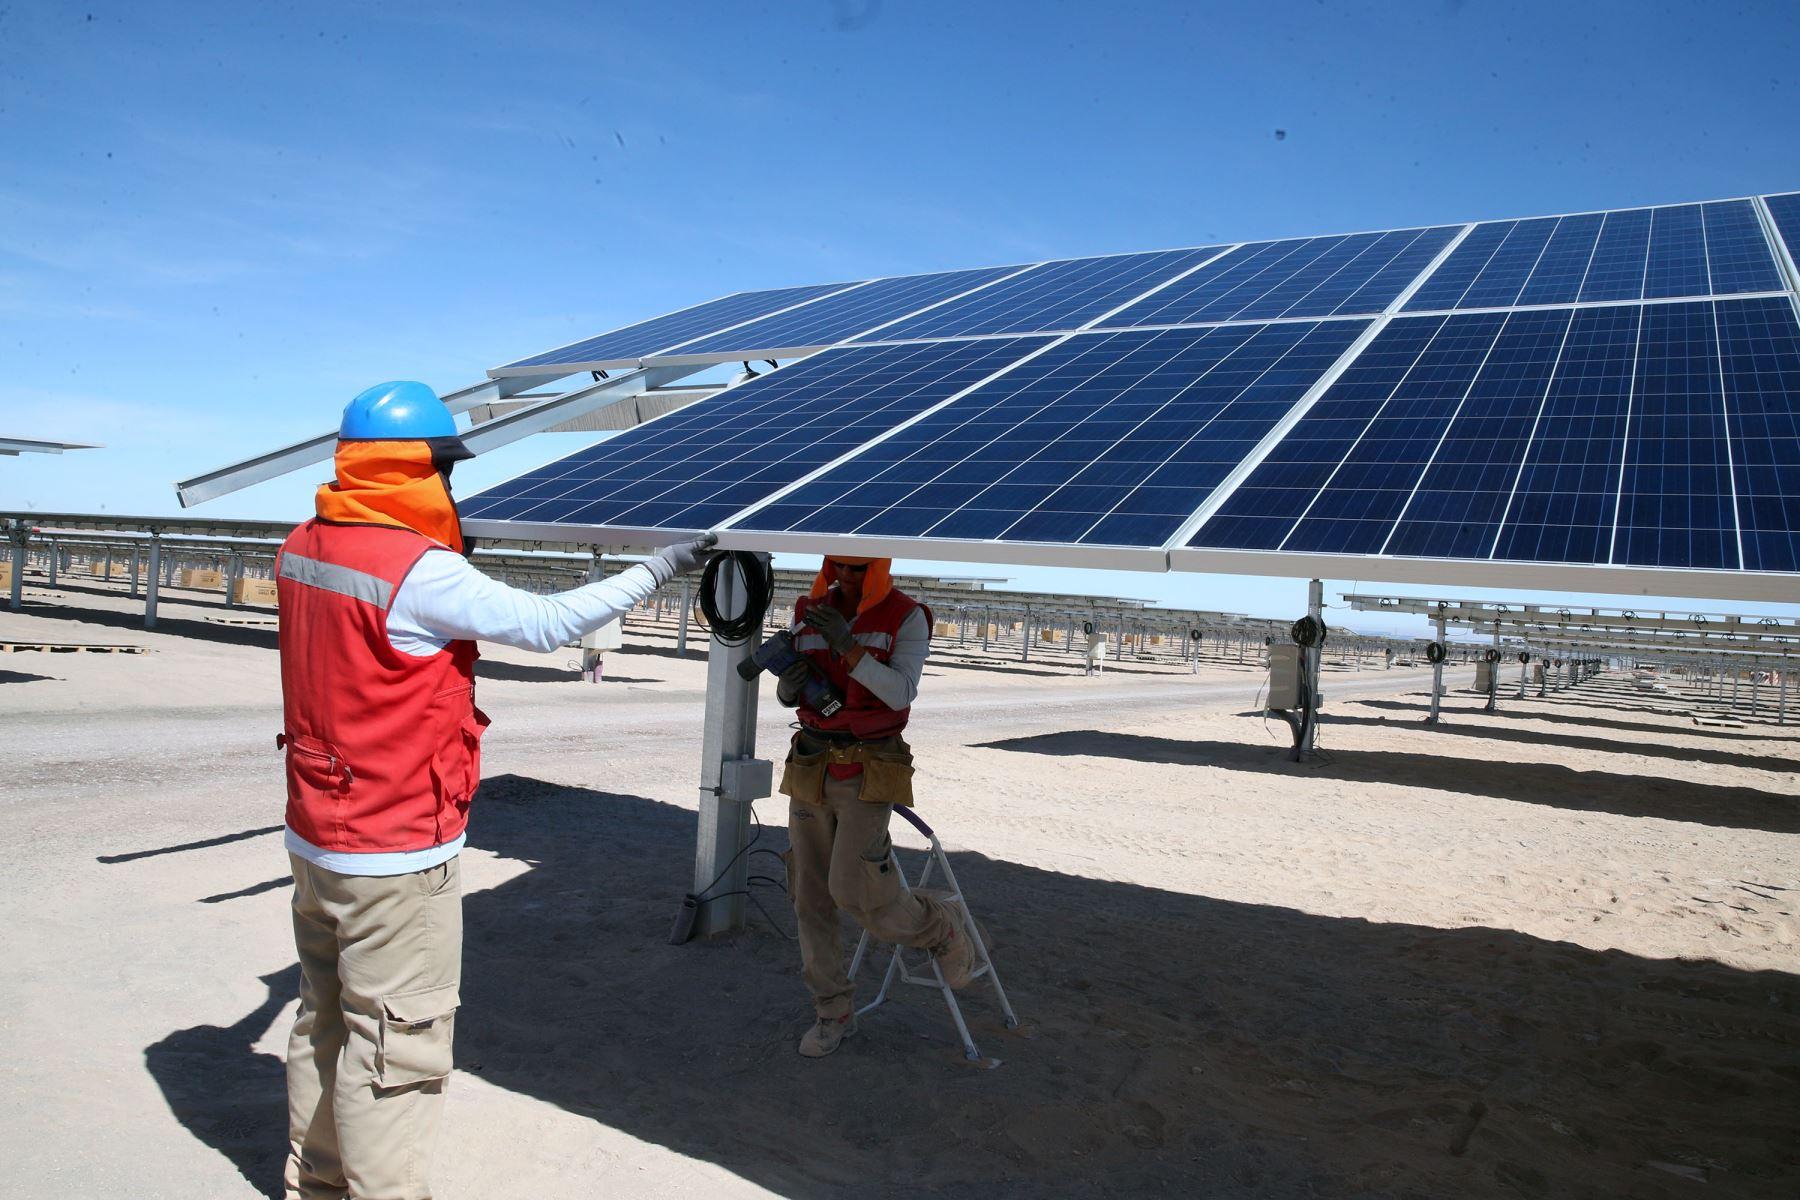 MOQUEGUA,PERÚ-JULIO 15. Ministro de Energía y Minas Gonzalo Tamayo y Vicepresidente de la República Martín Vizcarra Inspeccionan  planta de Energía Solar Moquegua. Foto: ANDINA/Vidal Tarqui